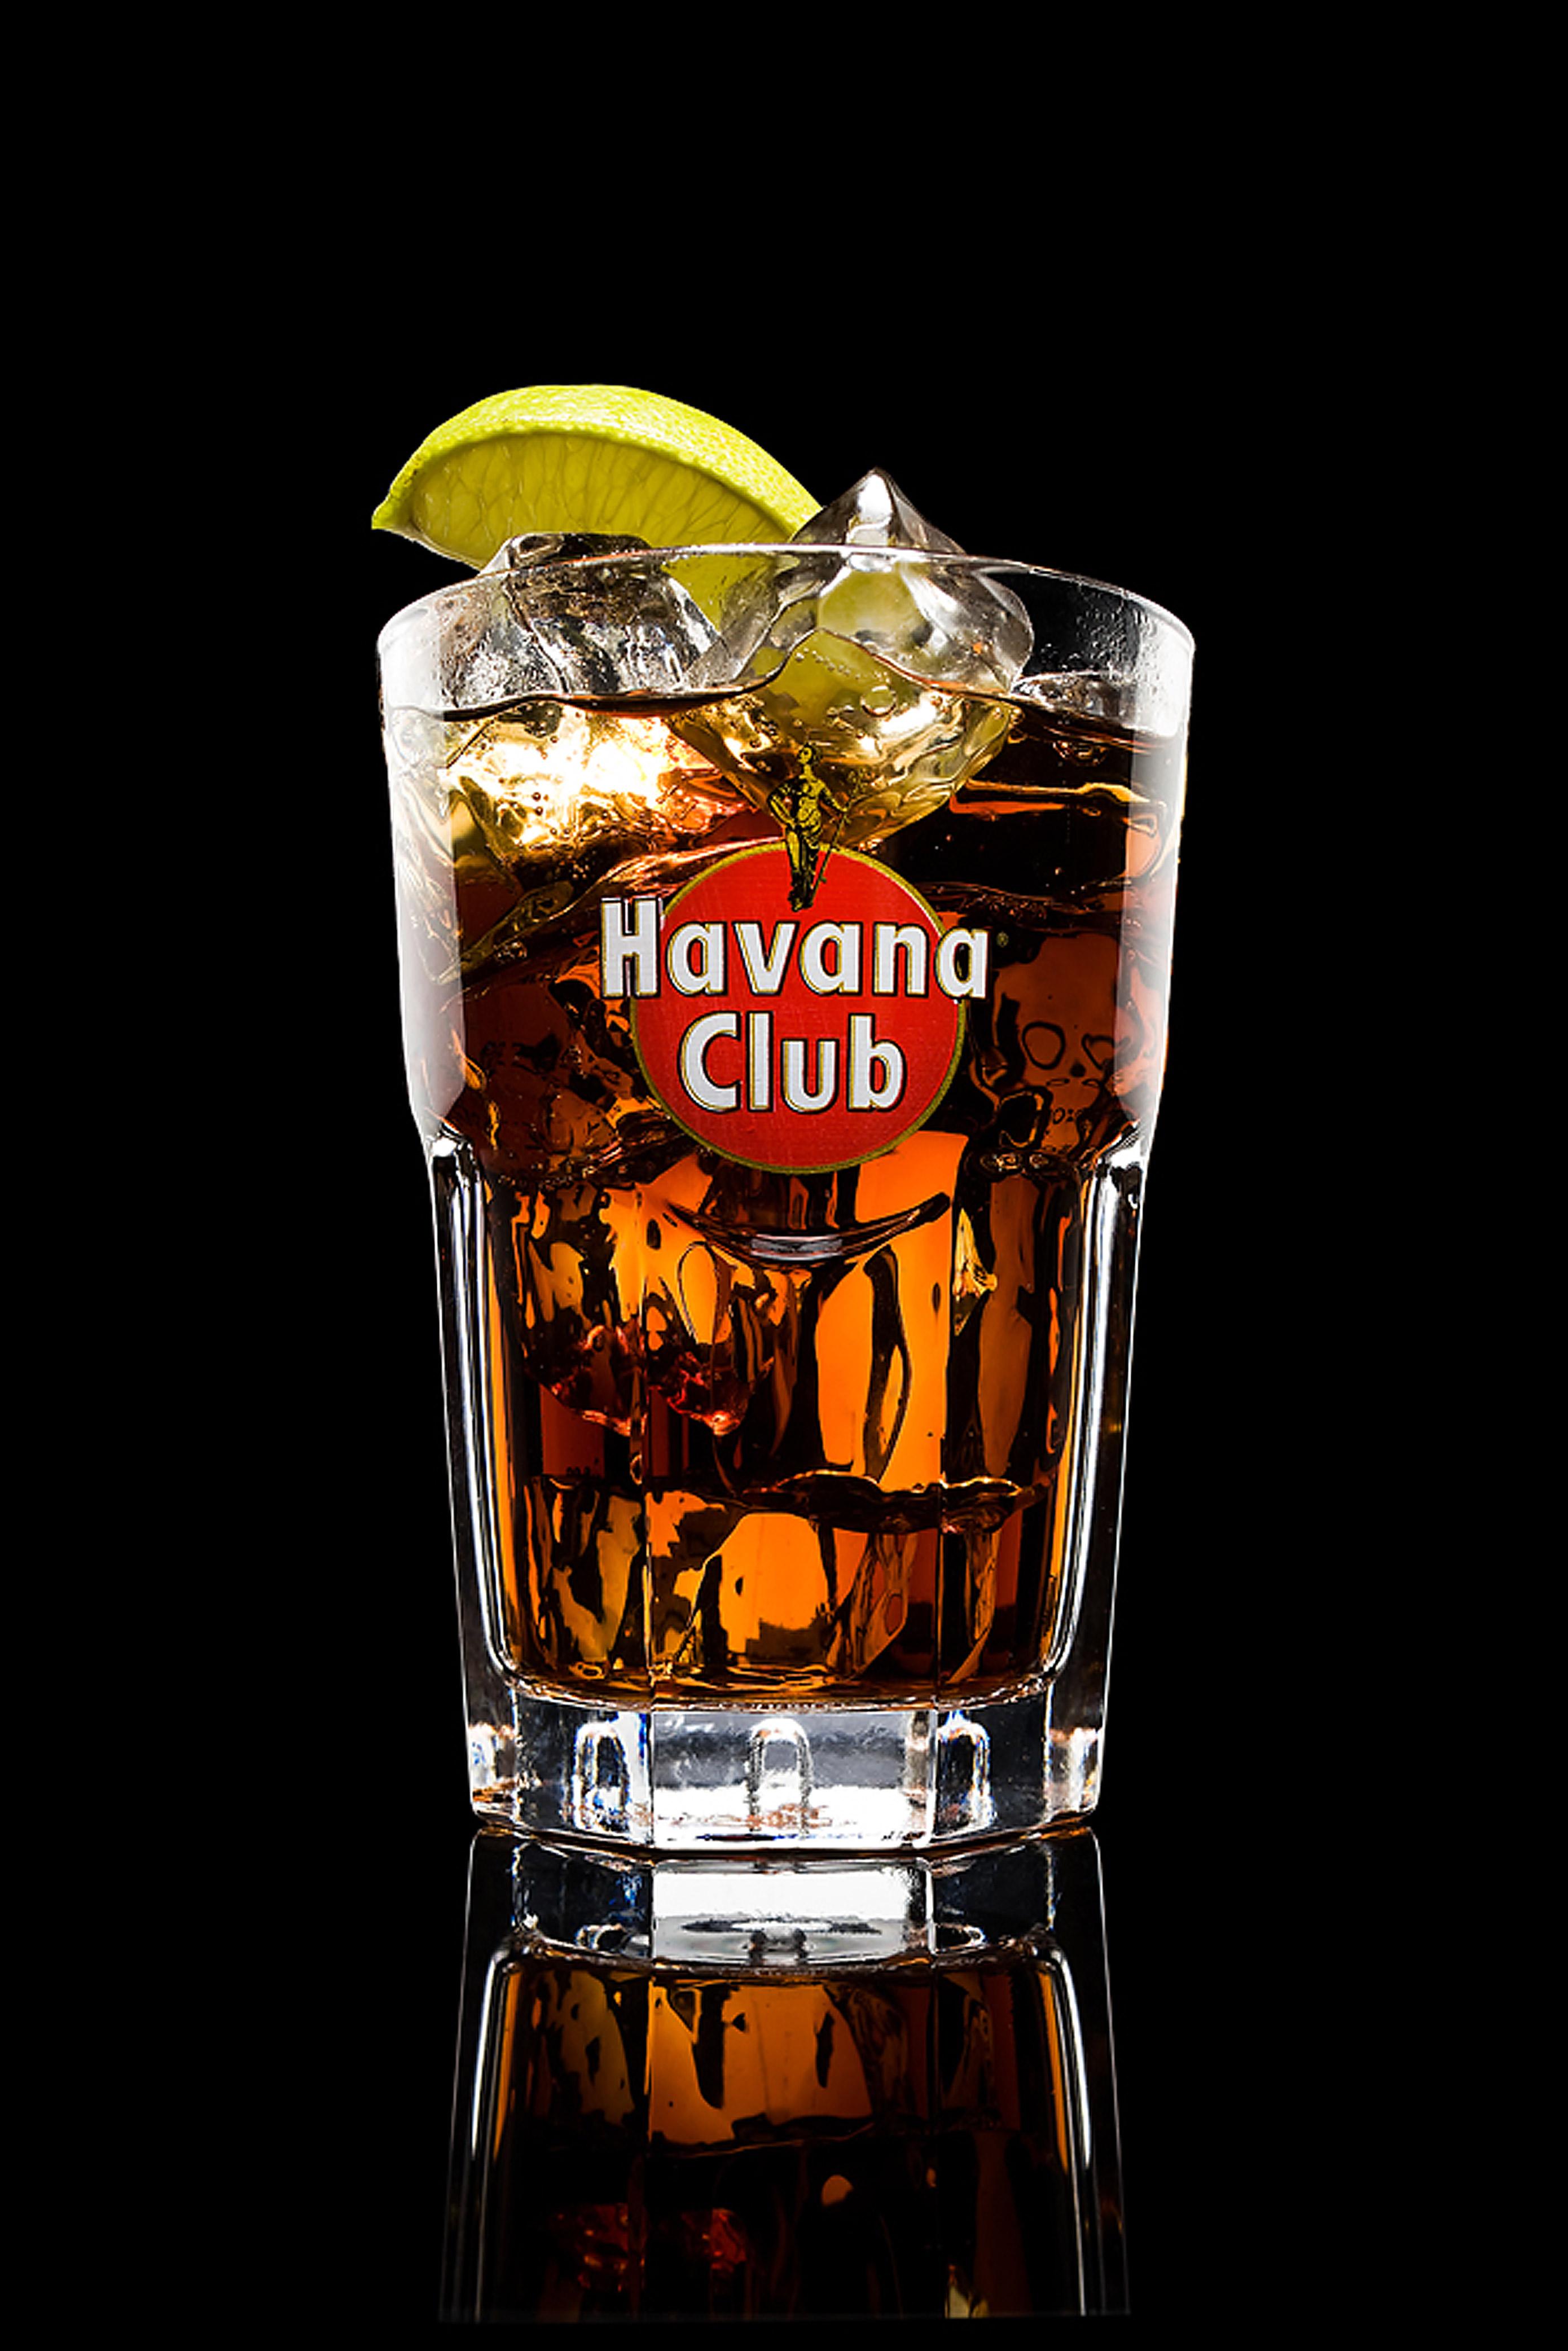 havana club Cuba Libre Granity